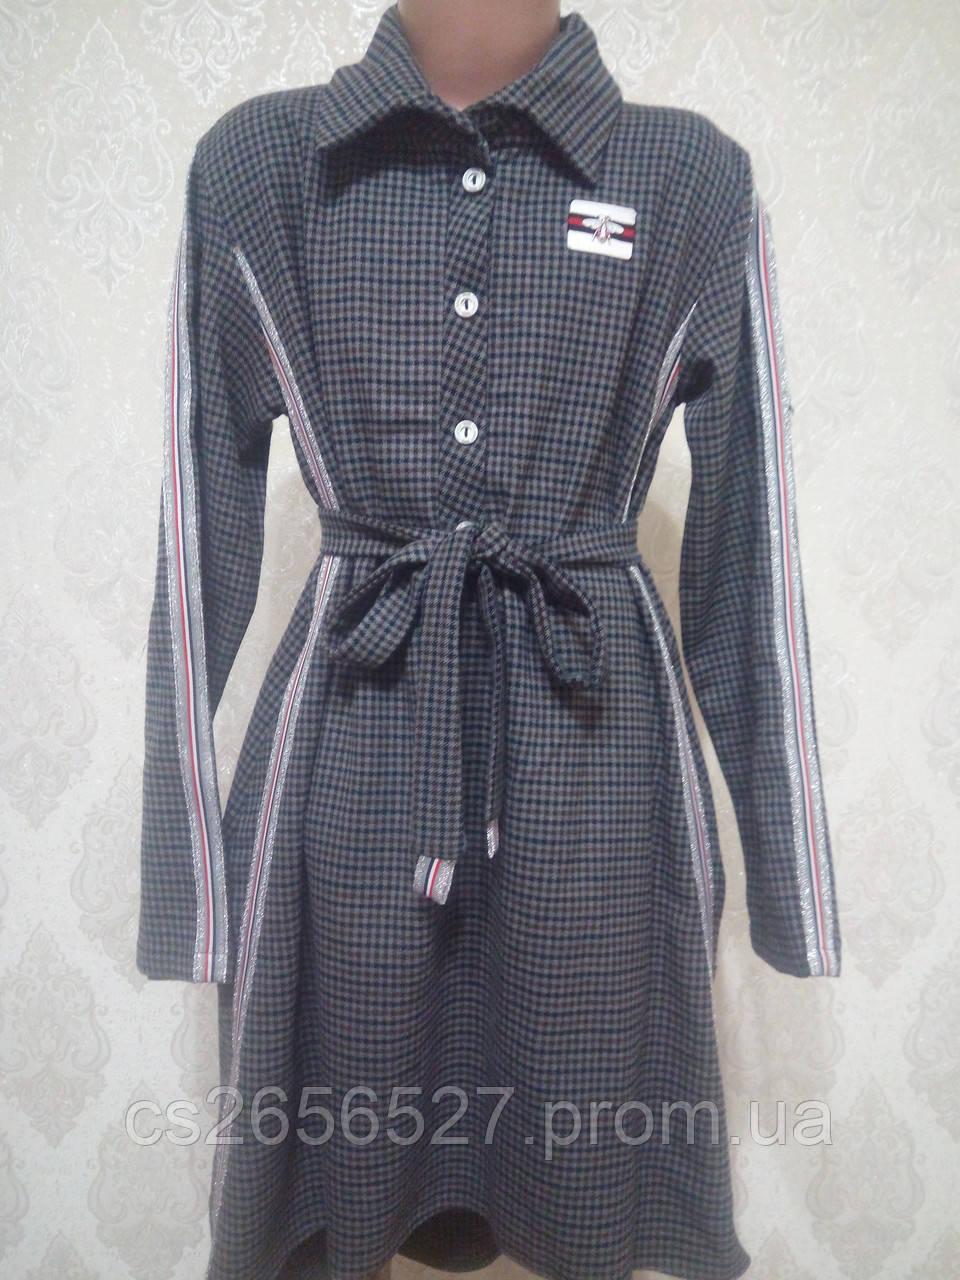 Подростковое платье -туника для девочки